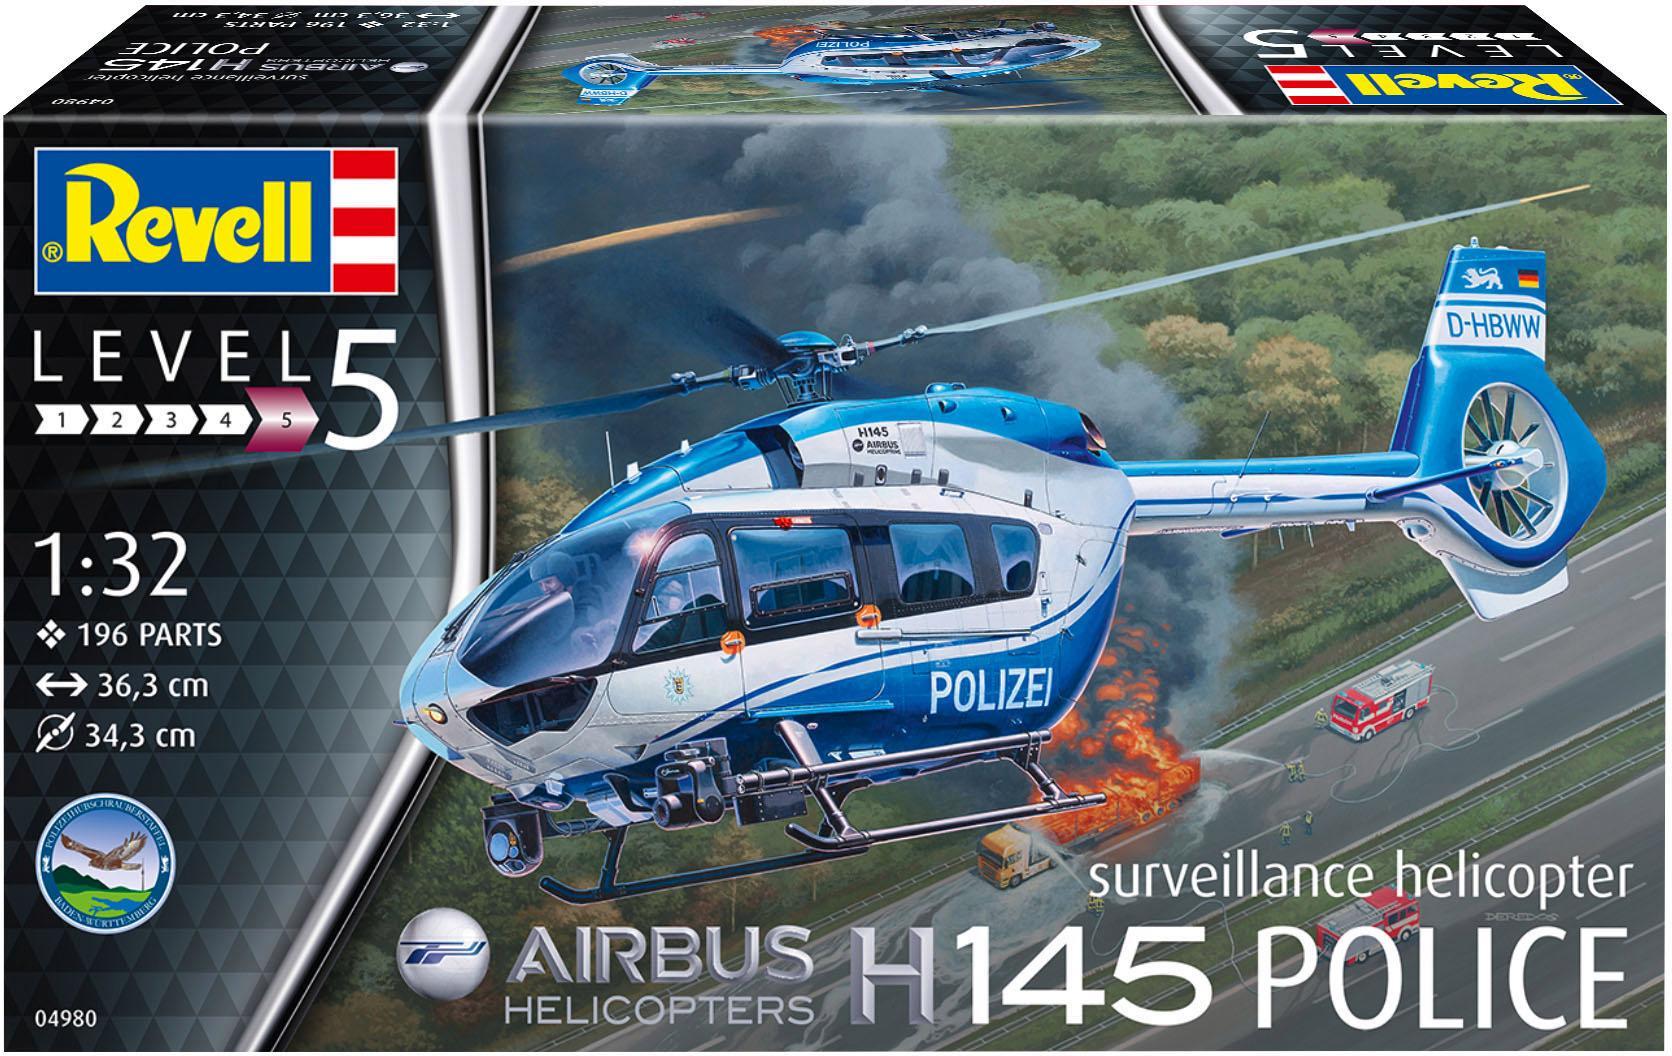 Revell Modellbausatz Helikopter, Maßstab 1:32, ...